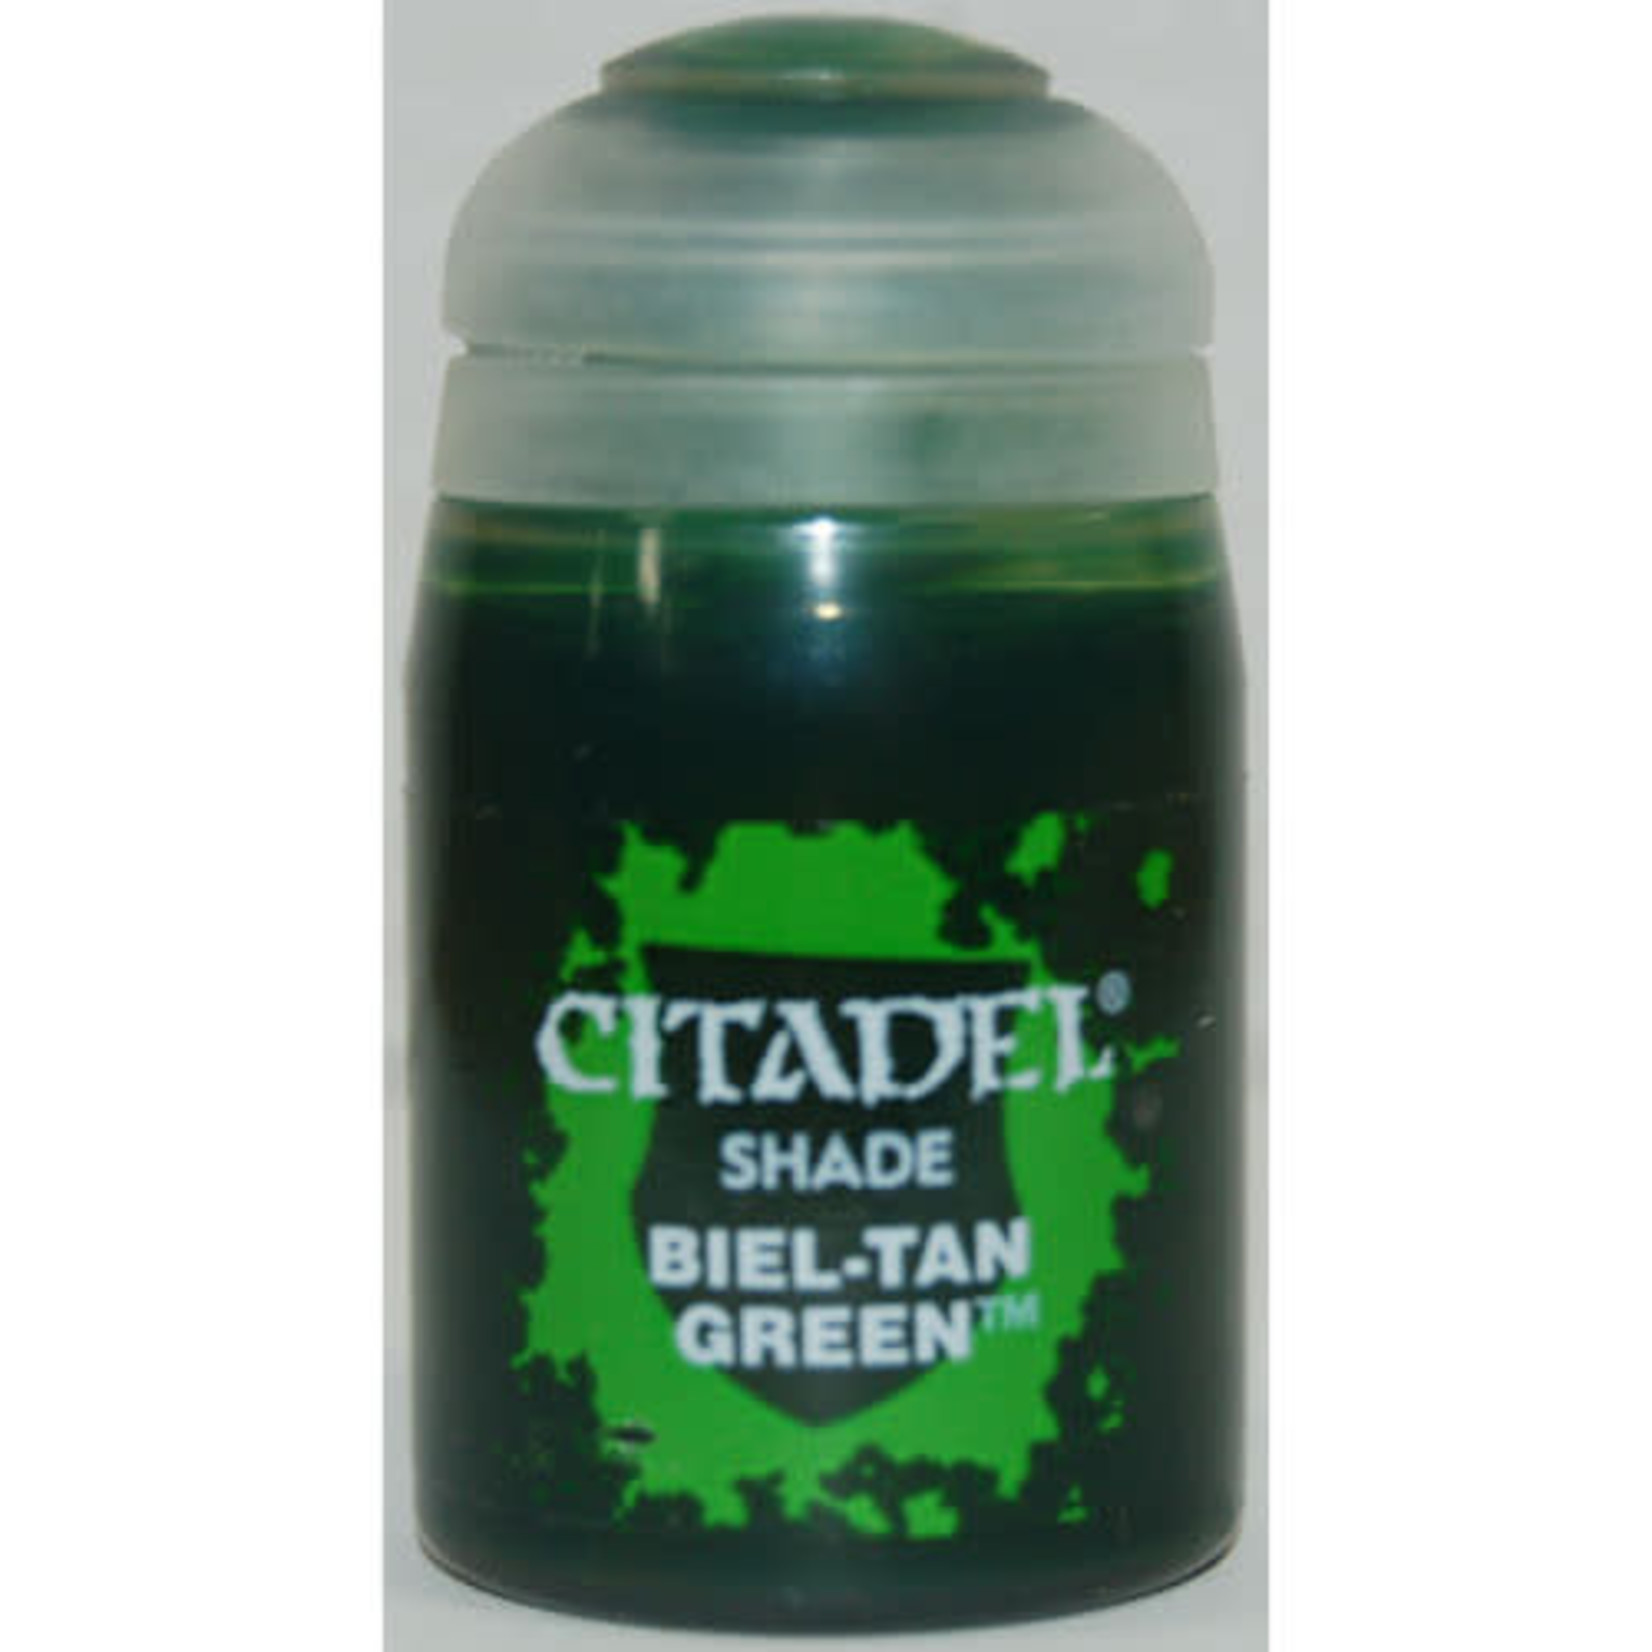 Citadel Citadel Paint - Shade: Biel-tan Green